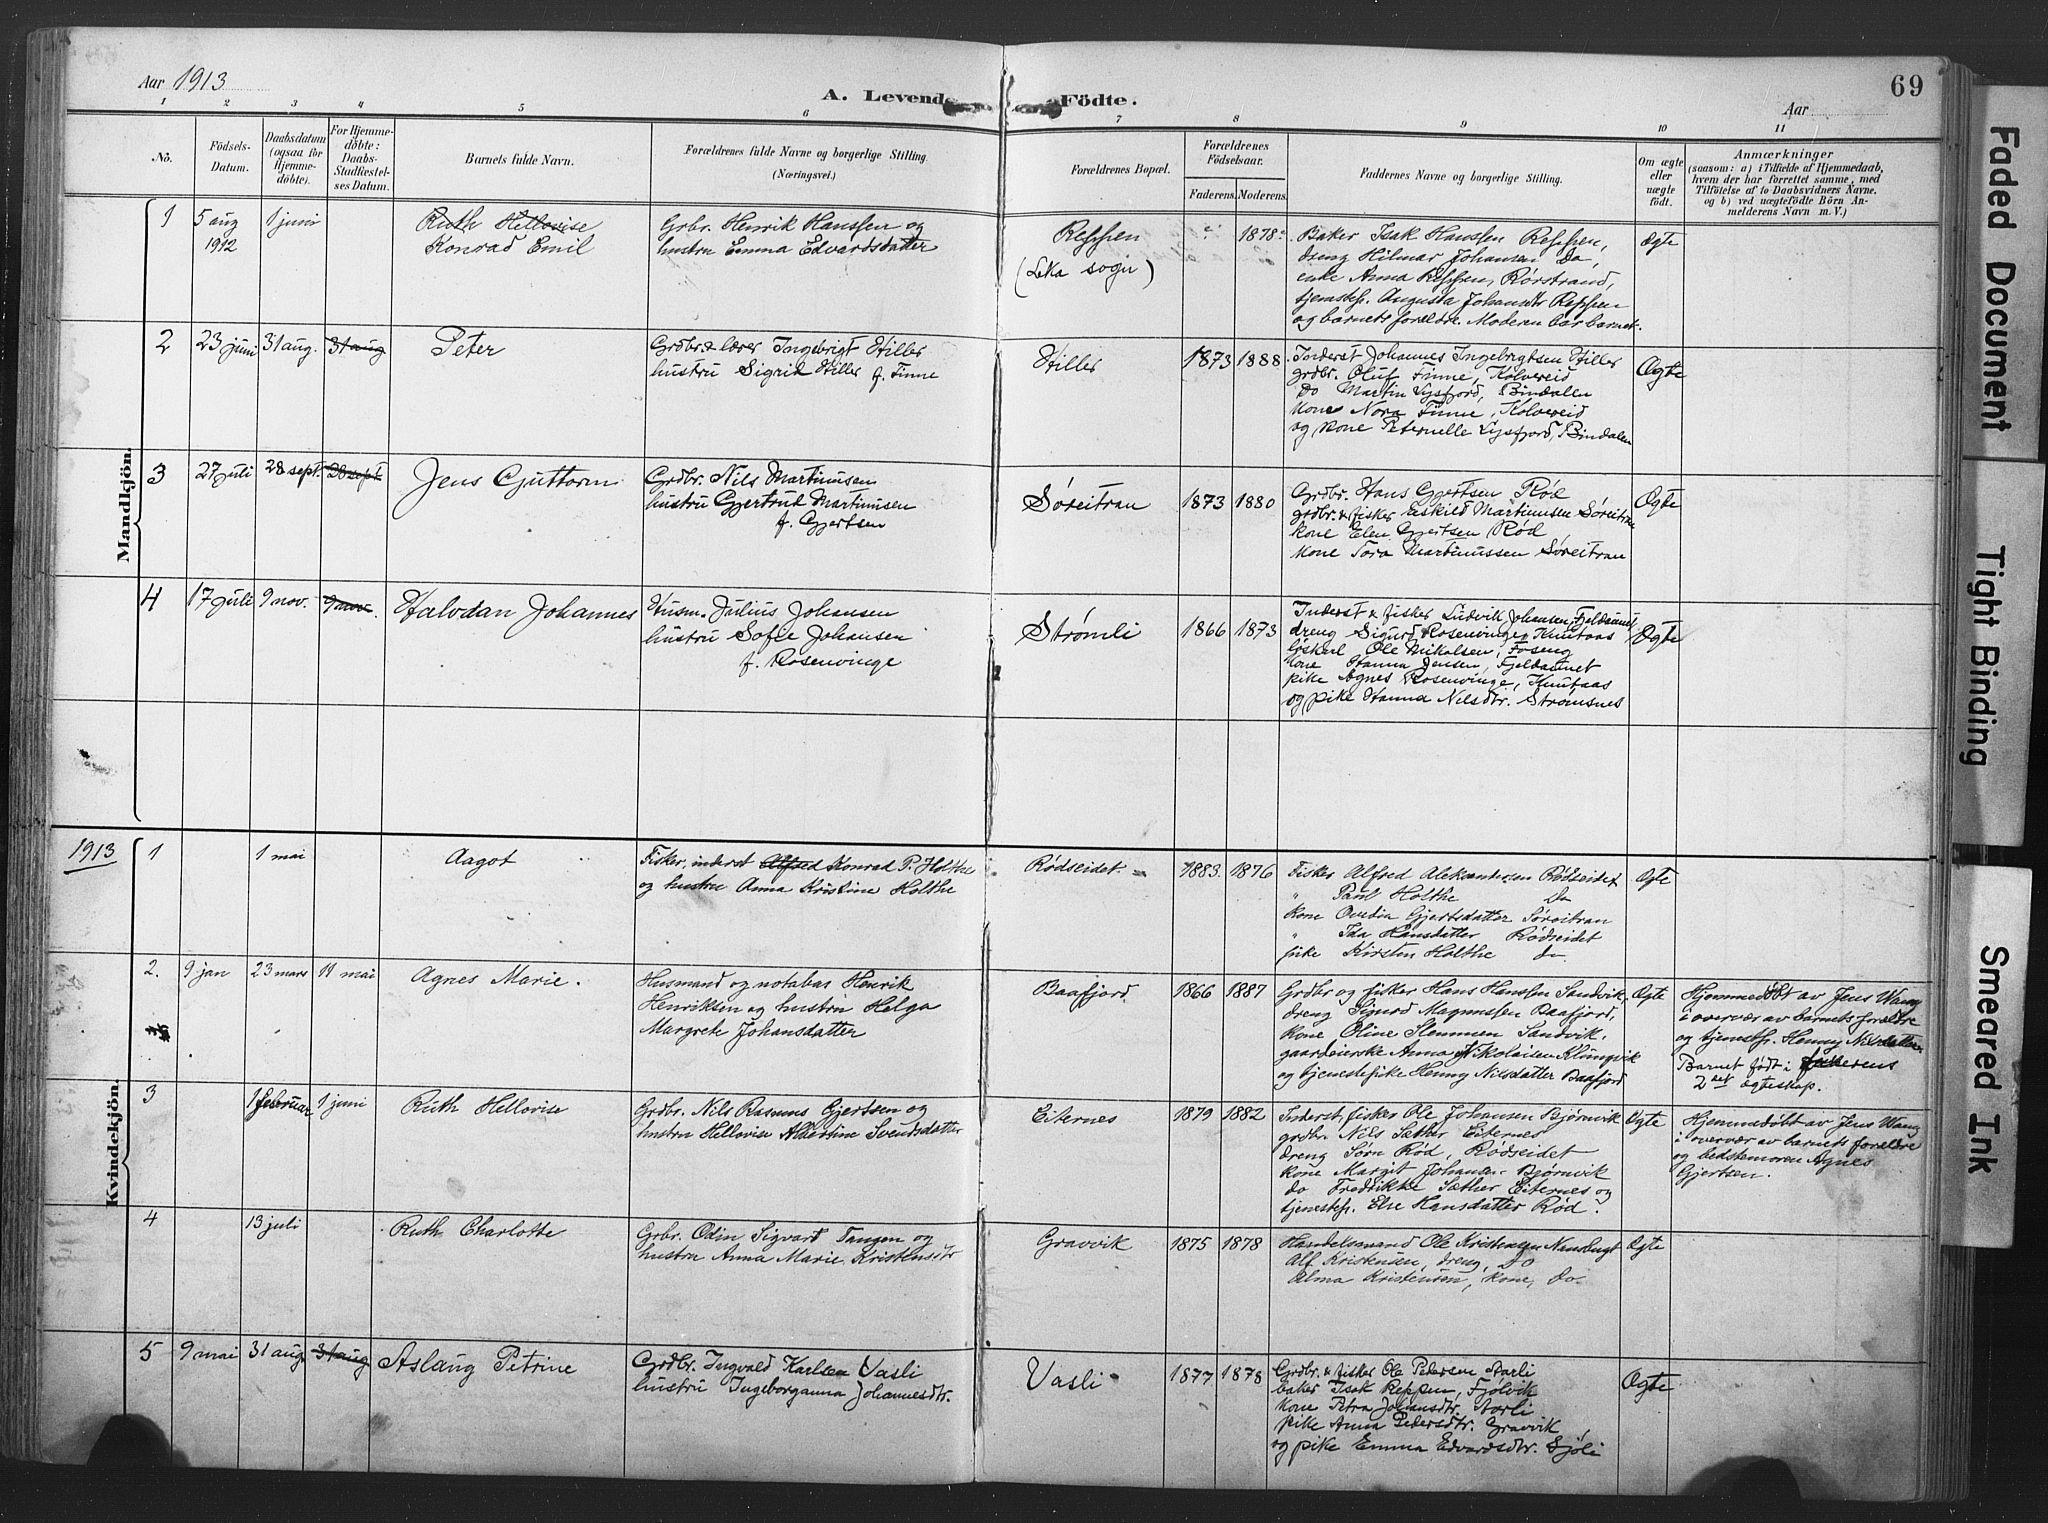 SAT, Ministerialprotokoller, klokkerbøker og fødselsregistre - Nord-Trøndelag, 789/L0706: Klokkerbok nr. 789C01, 1888-1931, s. 69